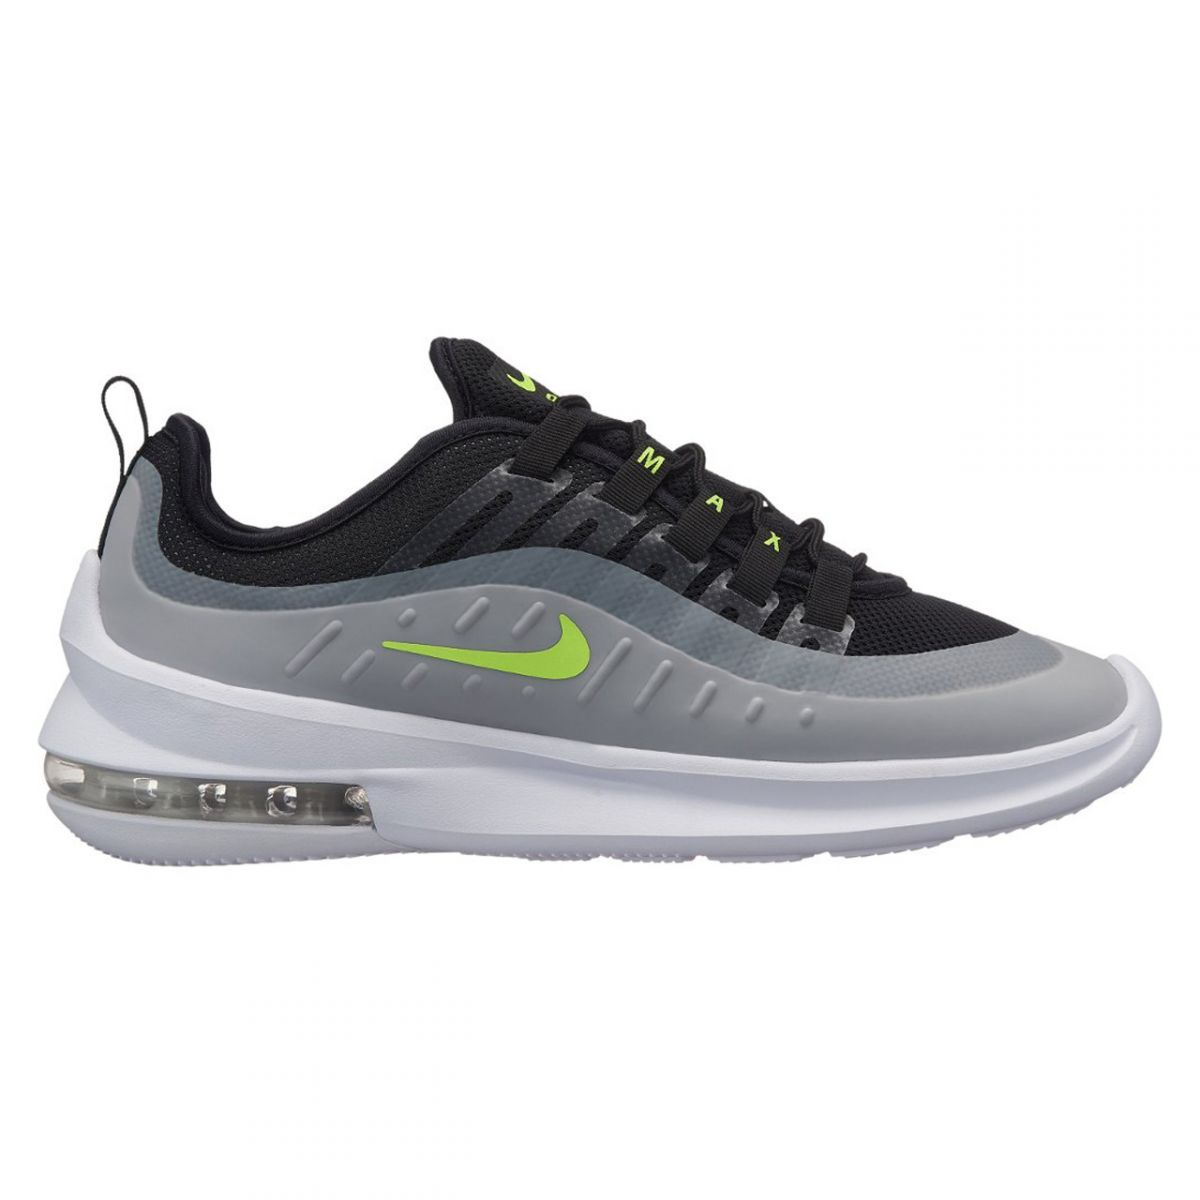 new photos wholesale dealer online retailer Herren Sneaker Air Max Axis